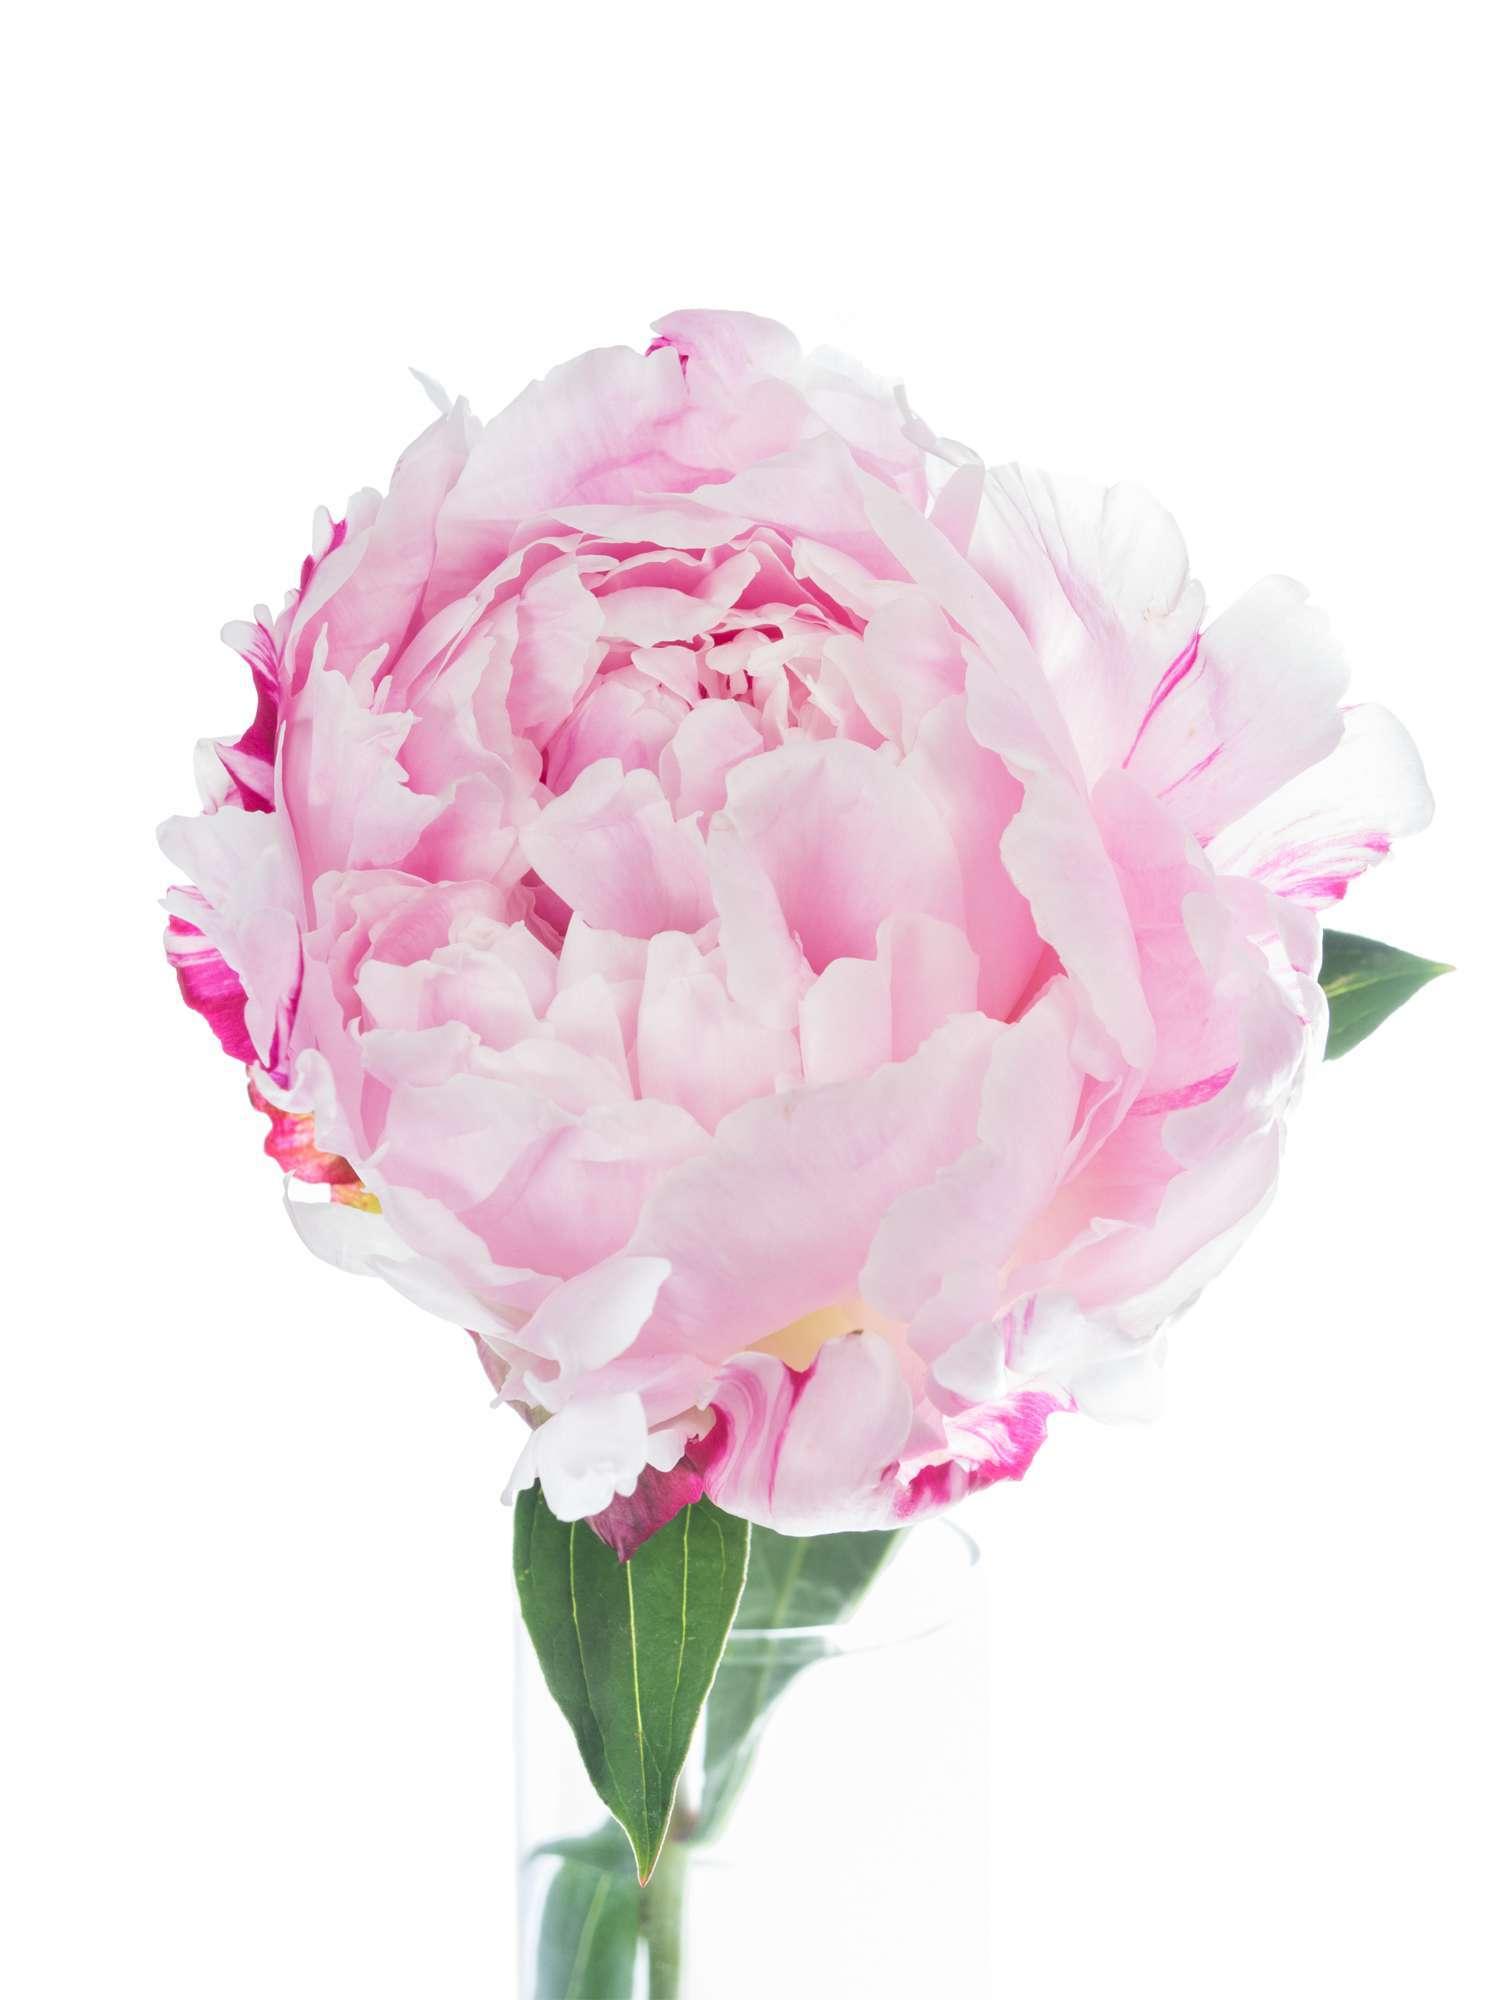 Pfingstrose Sarah Bernhardt : pfingstrosen sarah bernhardt rosa bestellen blumigo ~ A.2002-acura-tl-radio.info Haus und Dekorationen